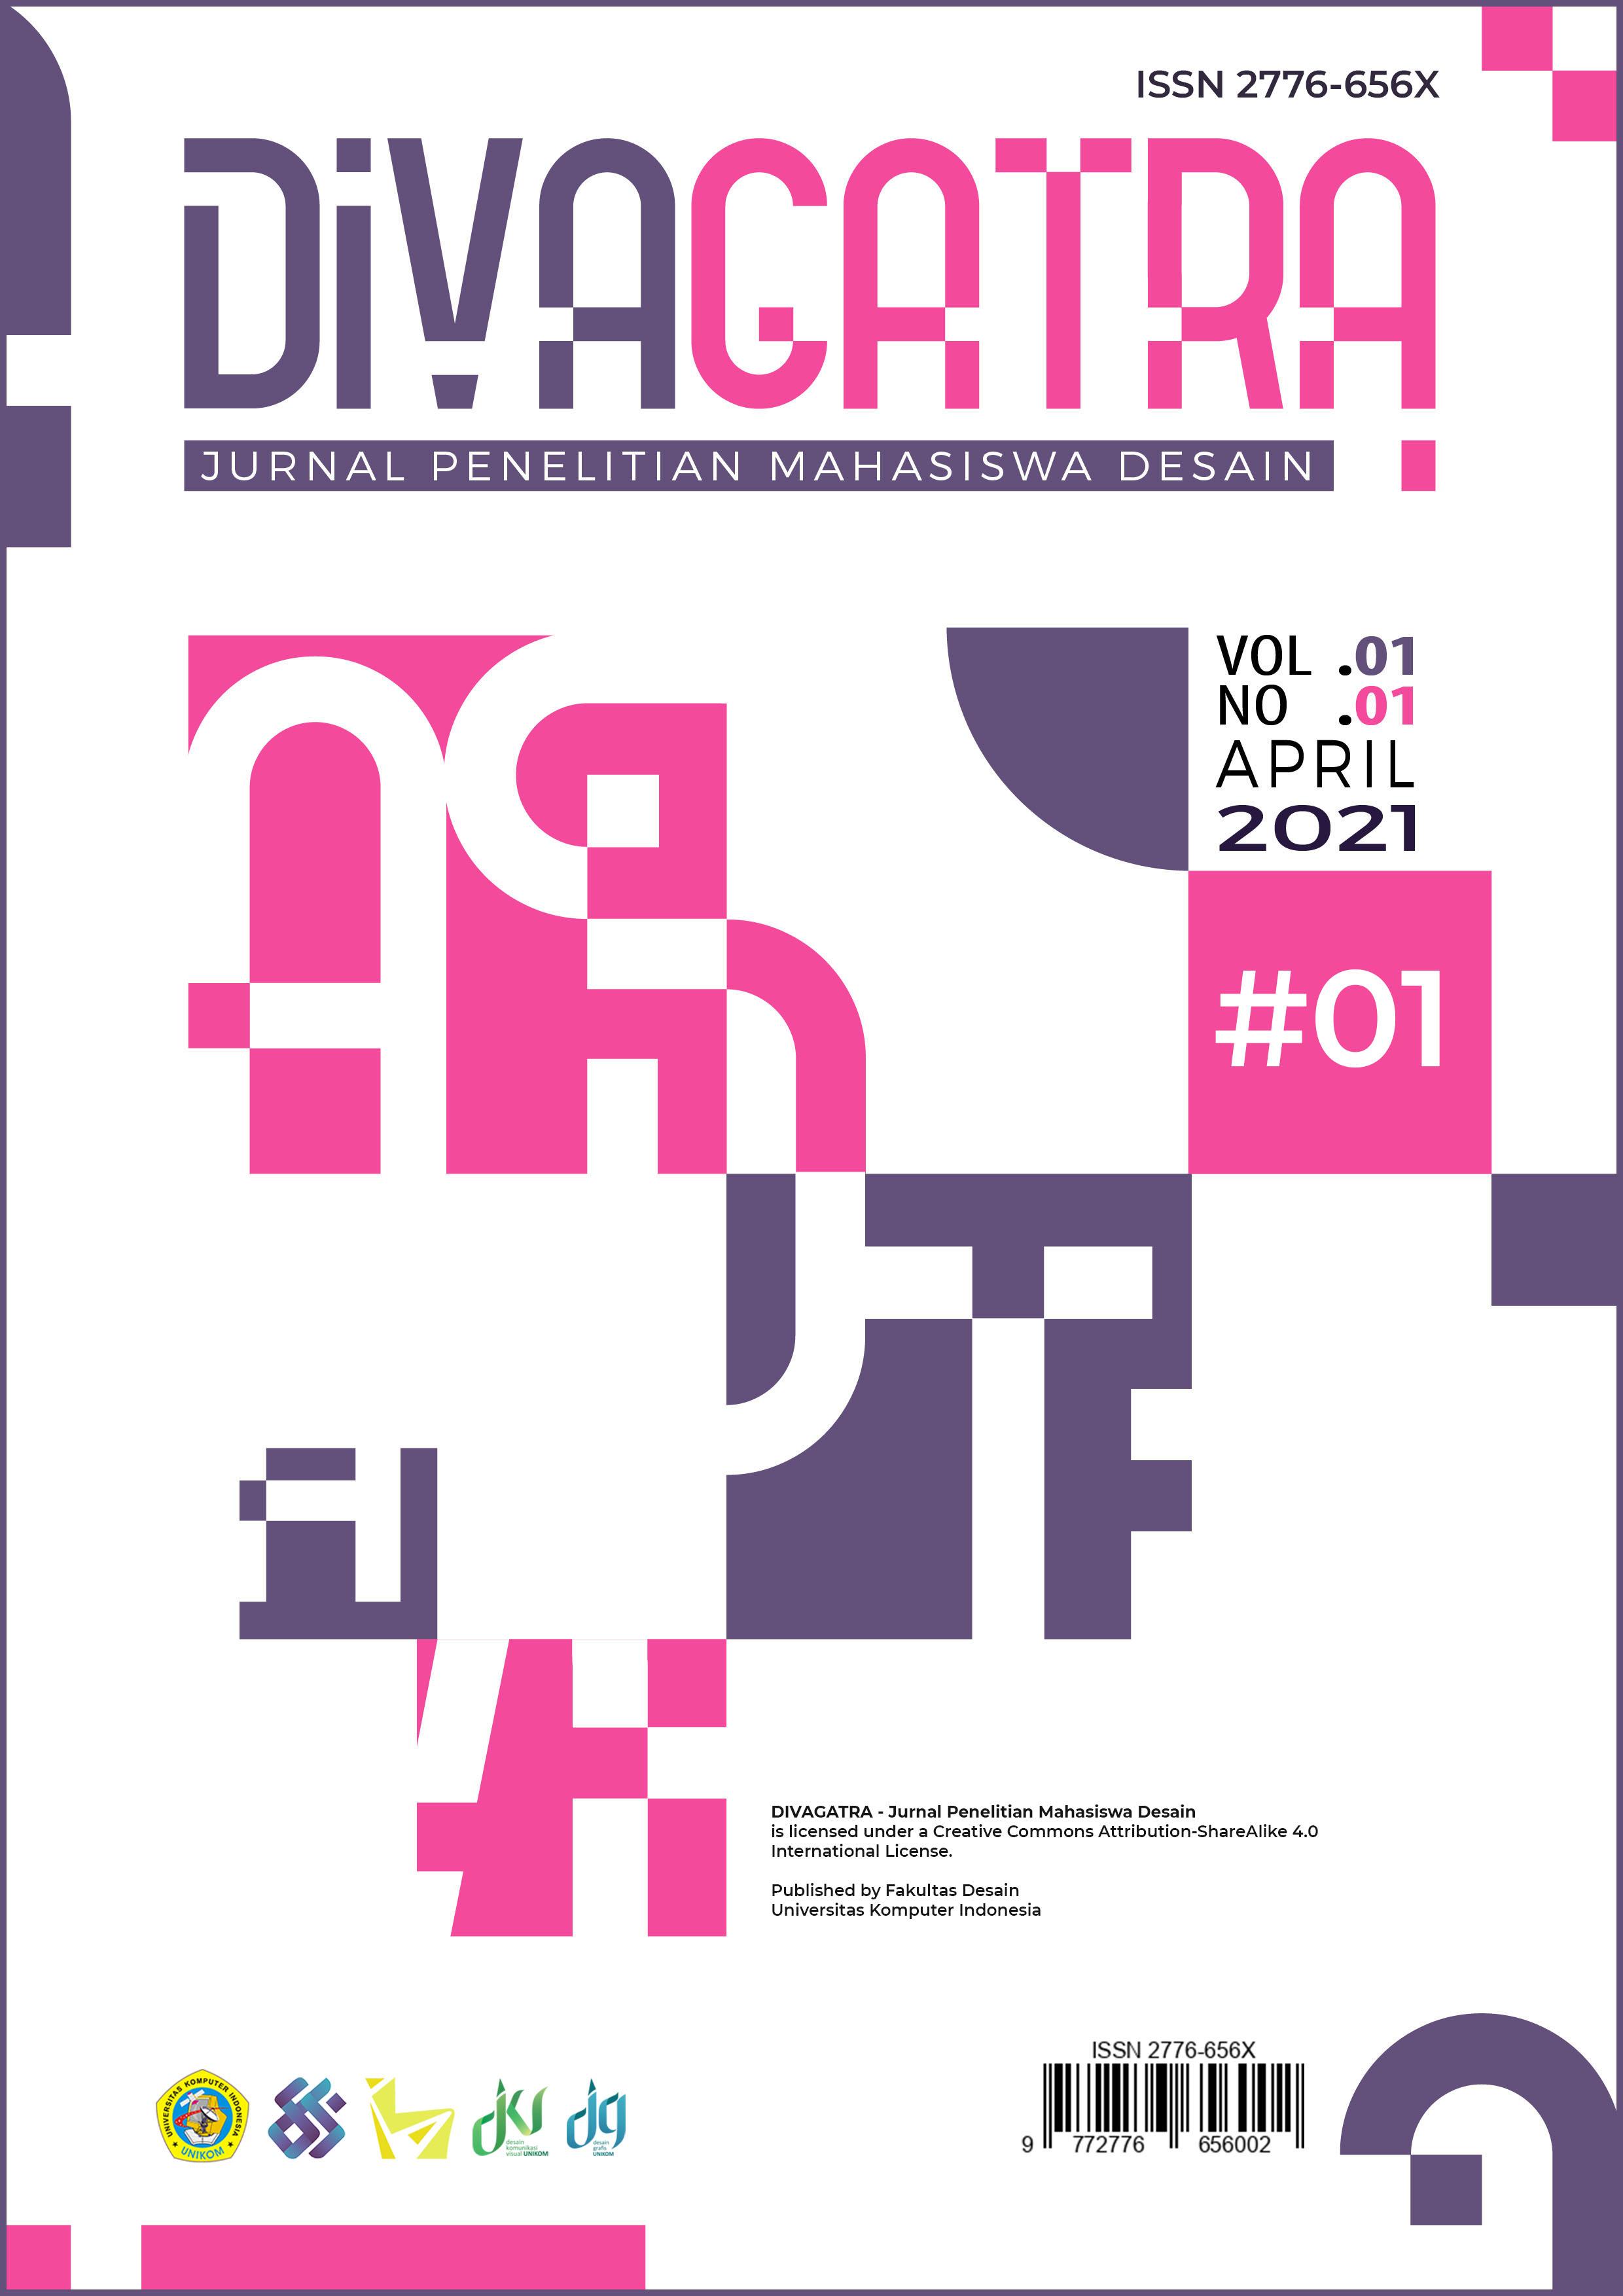 DIVAGATRA #01